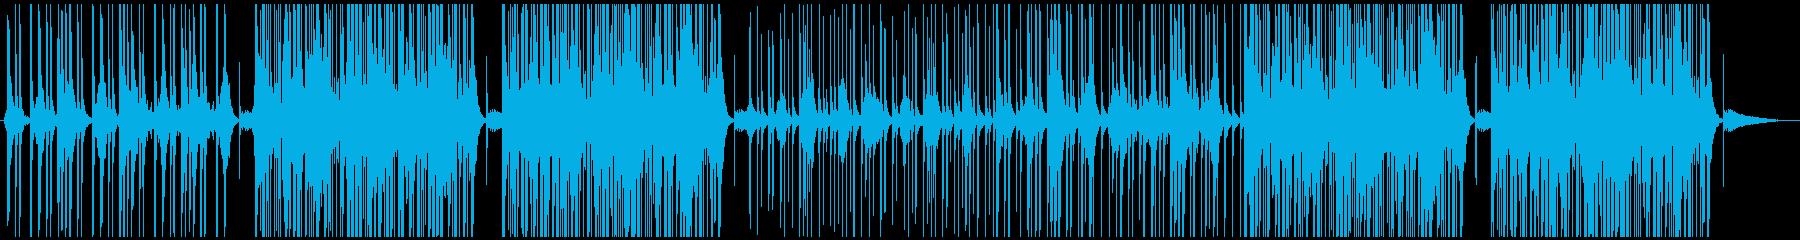 企業イメージ ポジティブ 明るい 打楽器の再生済みの波形